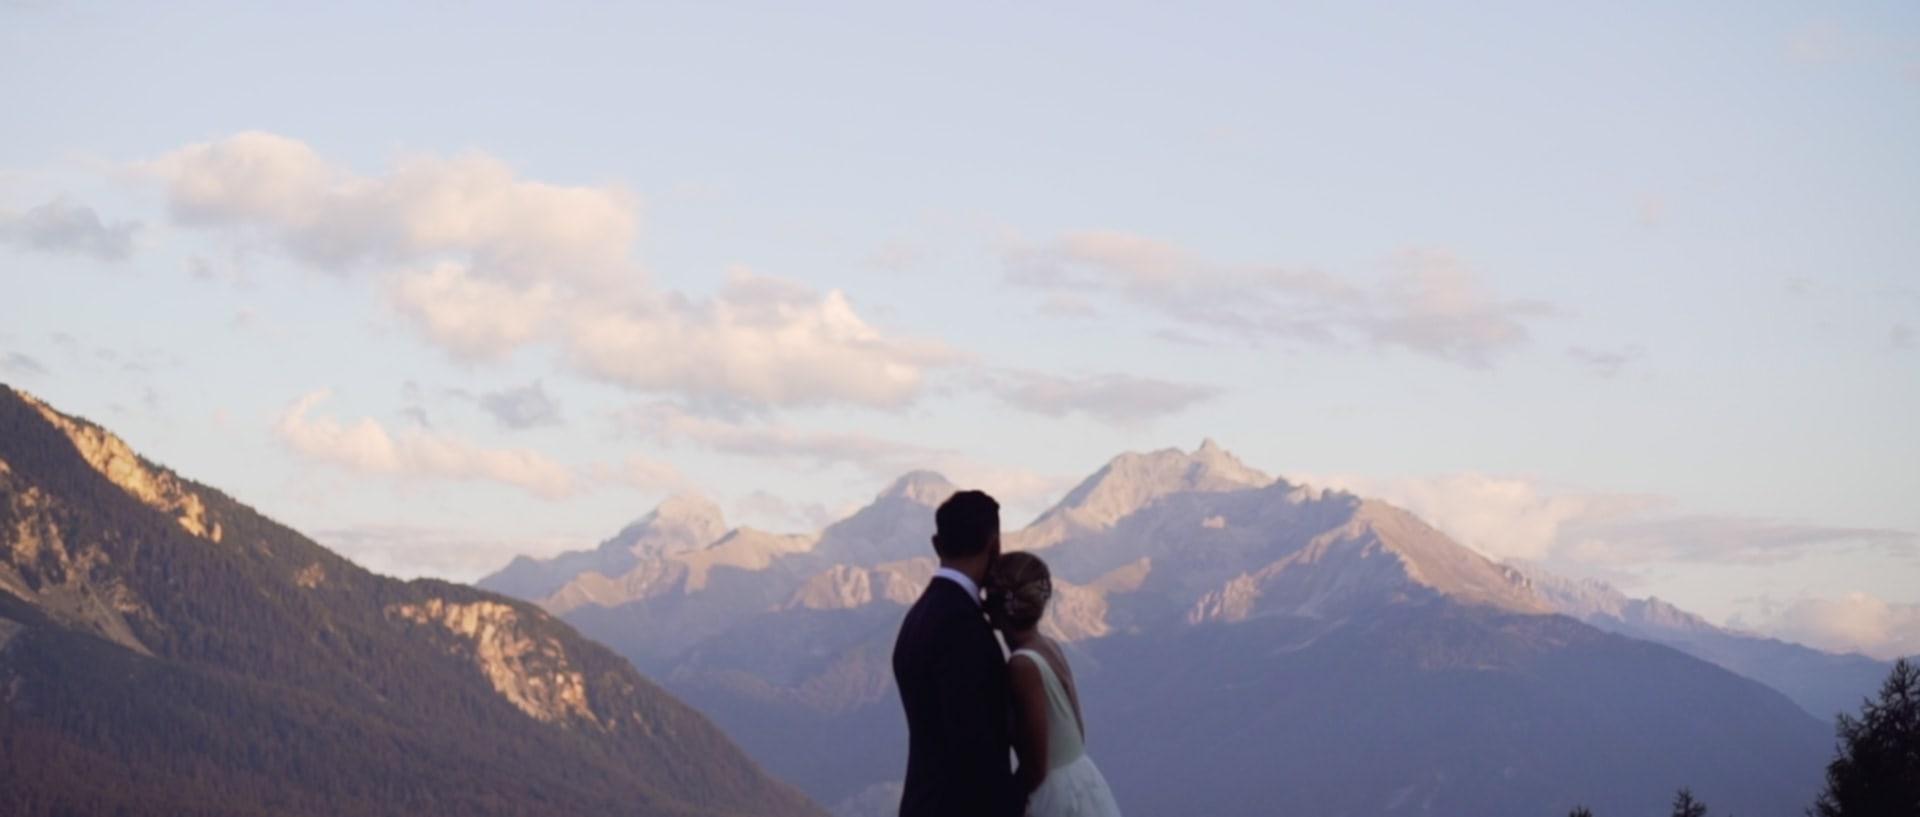 Wedding in Lenzerheide, Switzerland